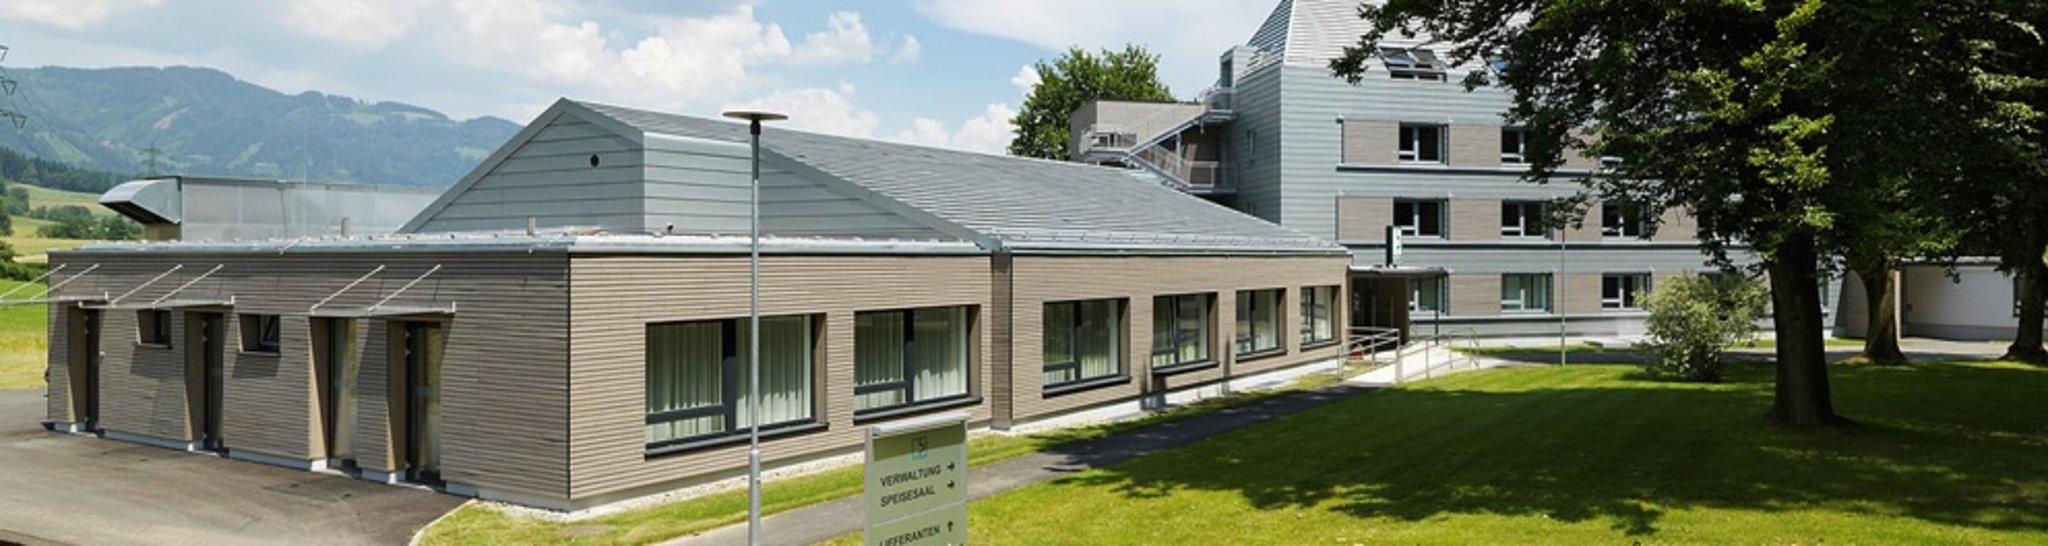 Direktion - Fachschulen Land Steiermark